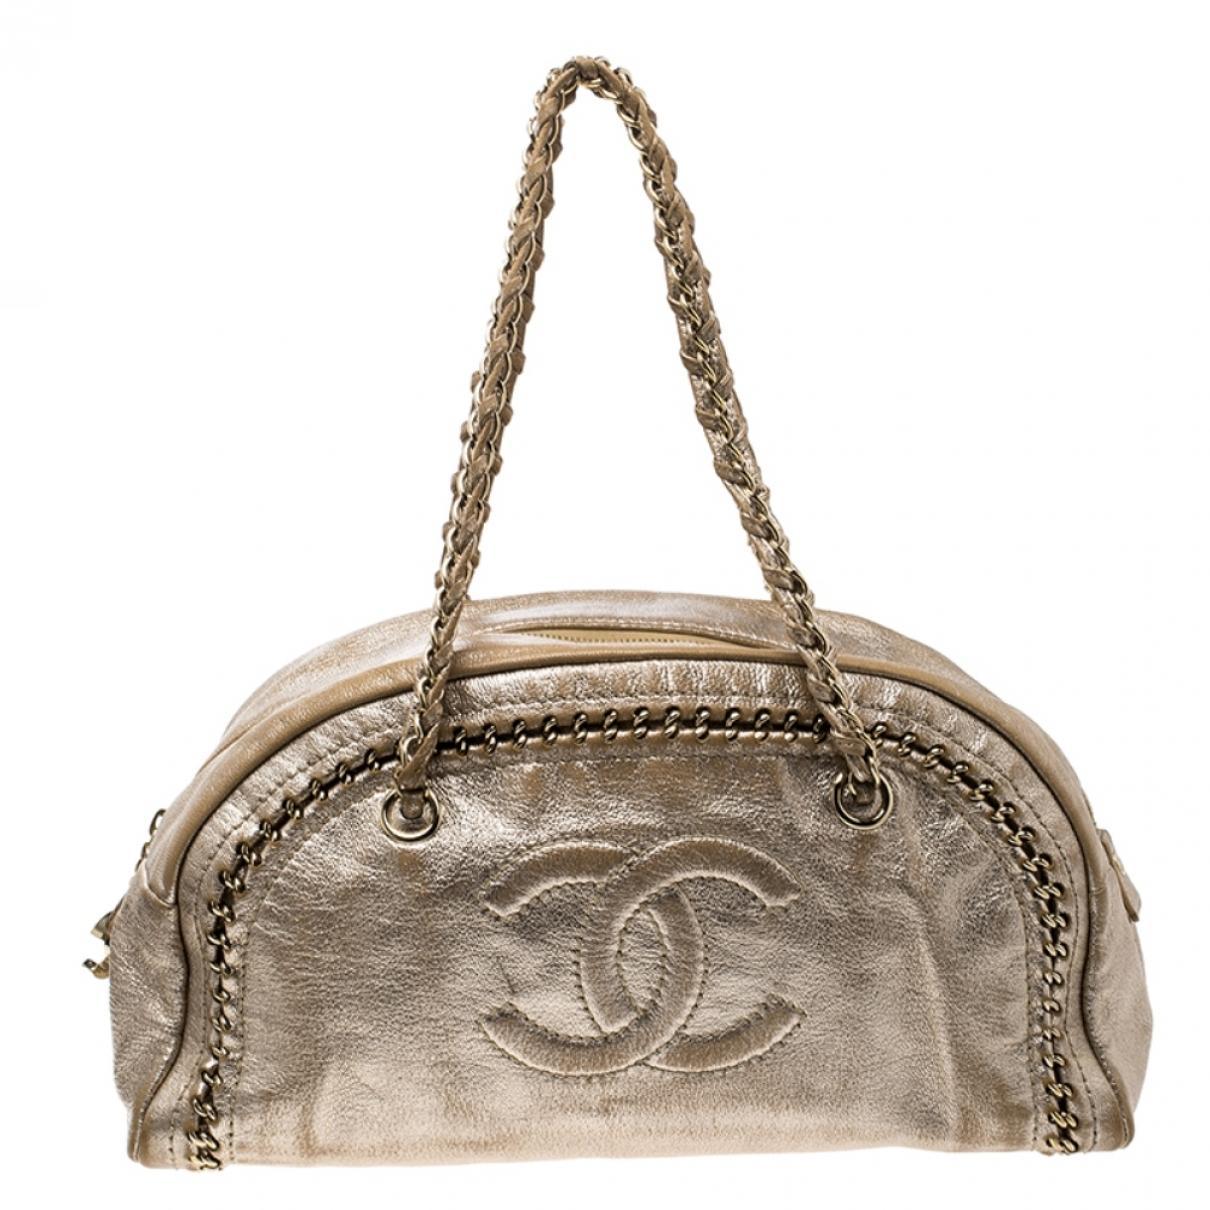 48c6eec2580c Lyst - Chanel Mademoiselle Metallic Leather Handbag in Metallic